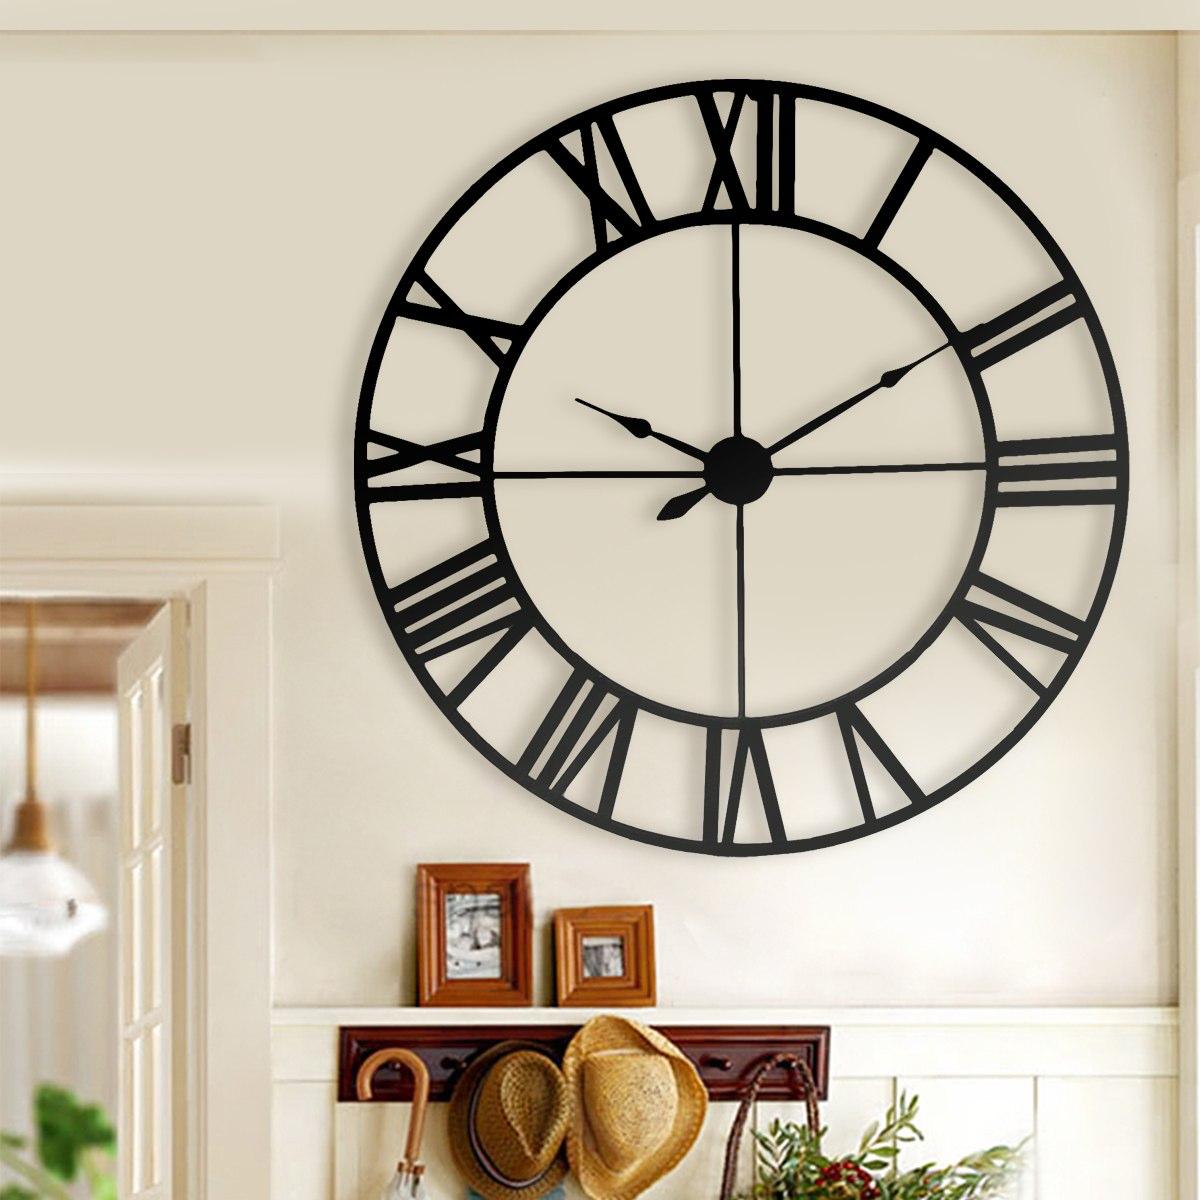 Grosse Horloge Fer Forgé cuisine & maison hsxot horloge murale numérique en métal fer